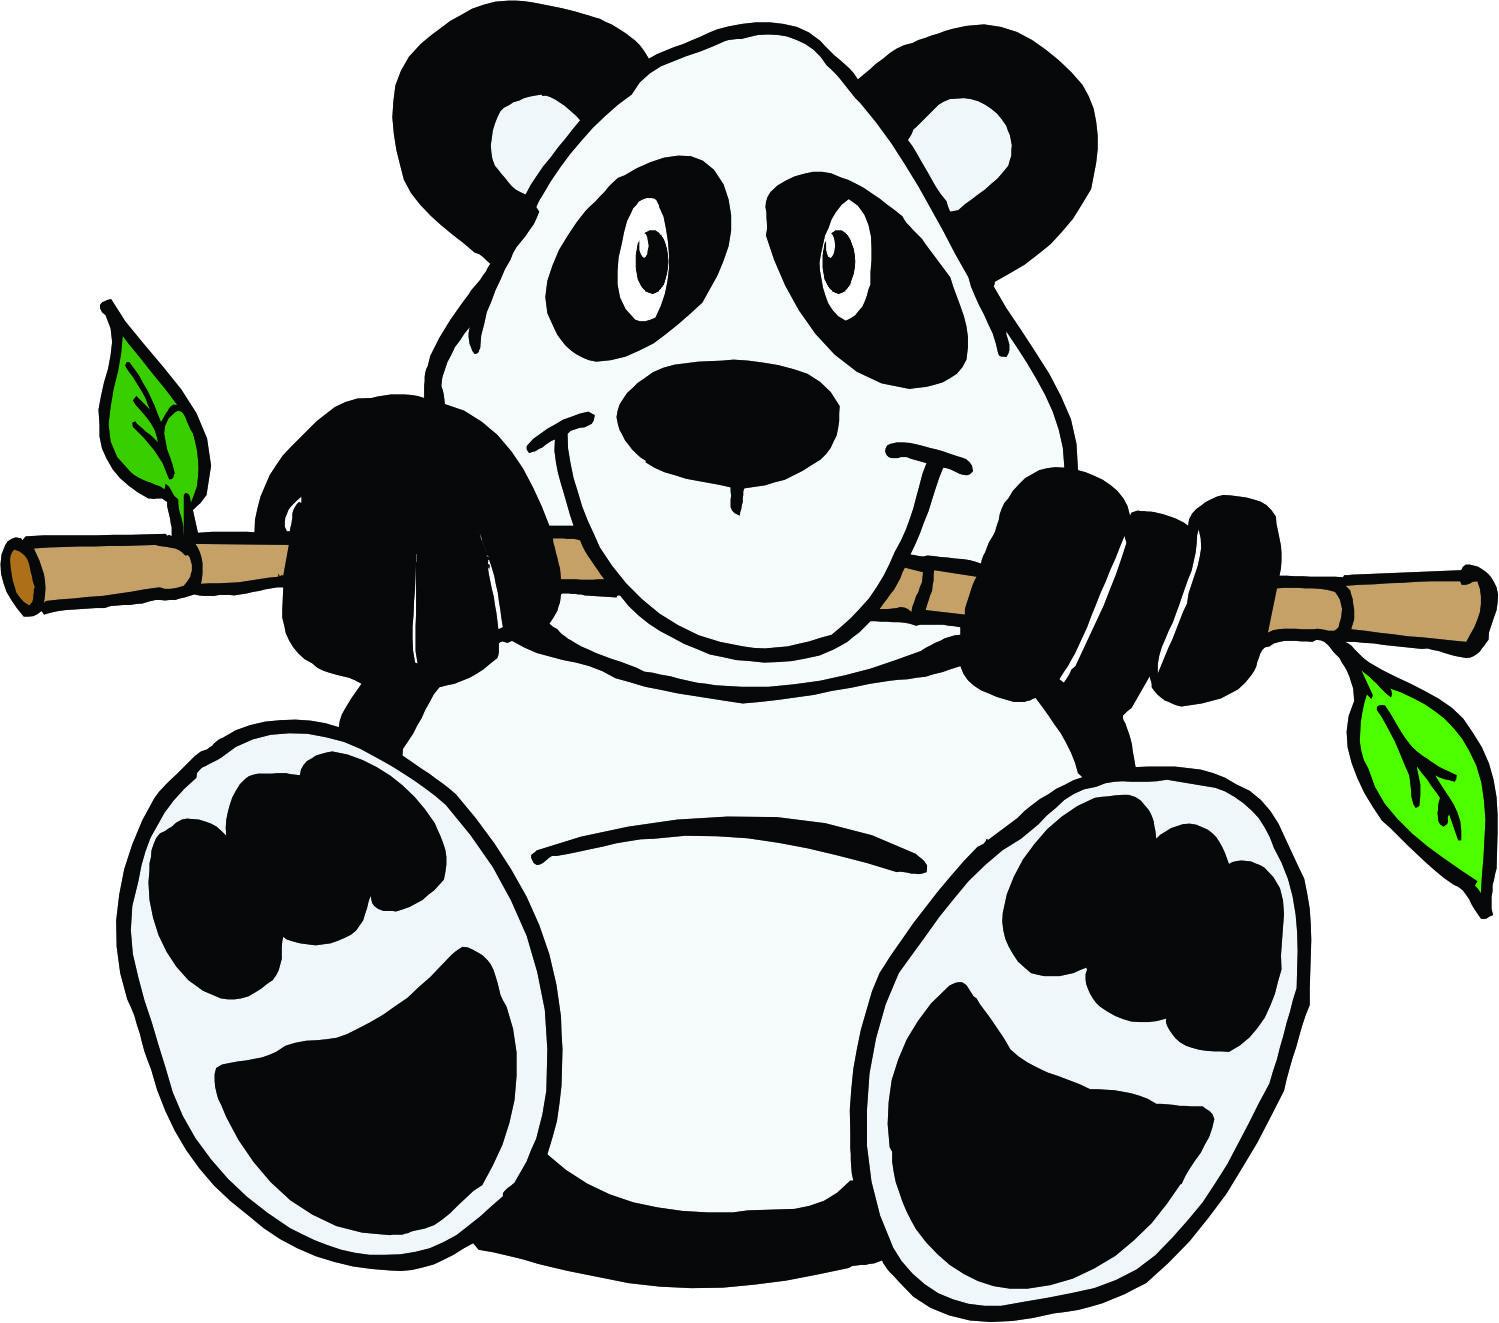 Cartoon Drawings Of Pandas